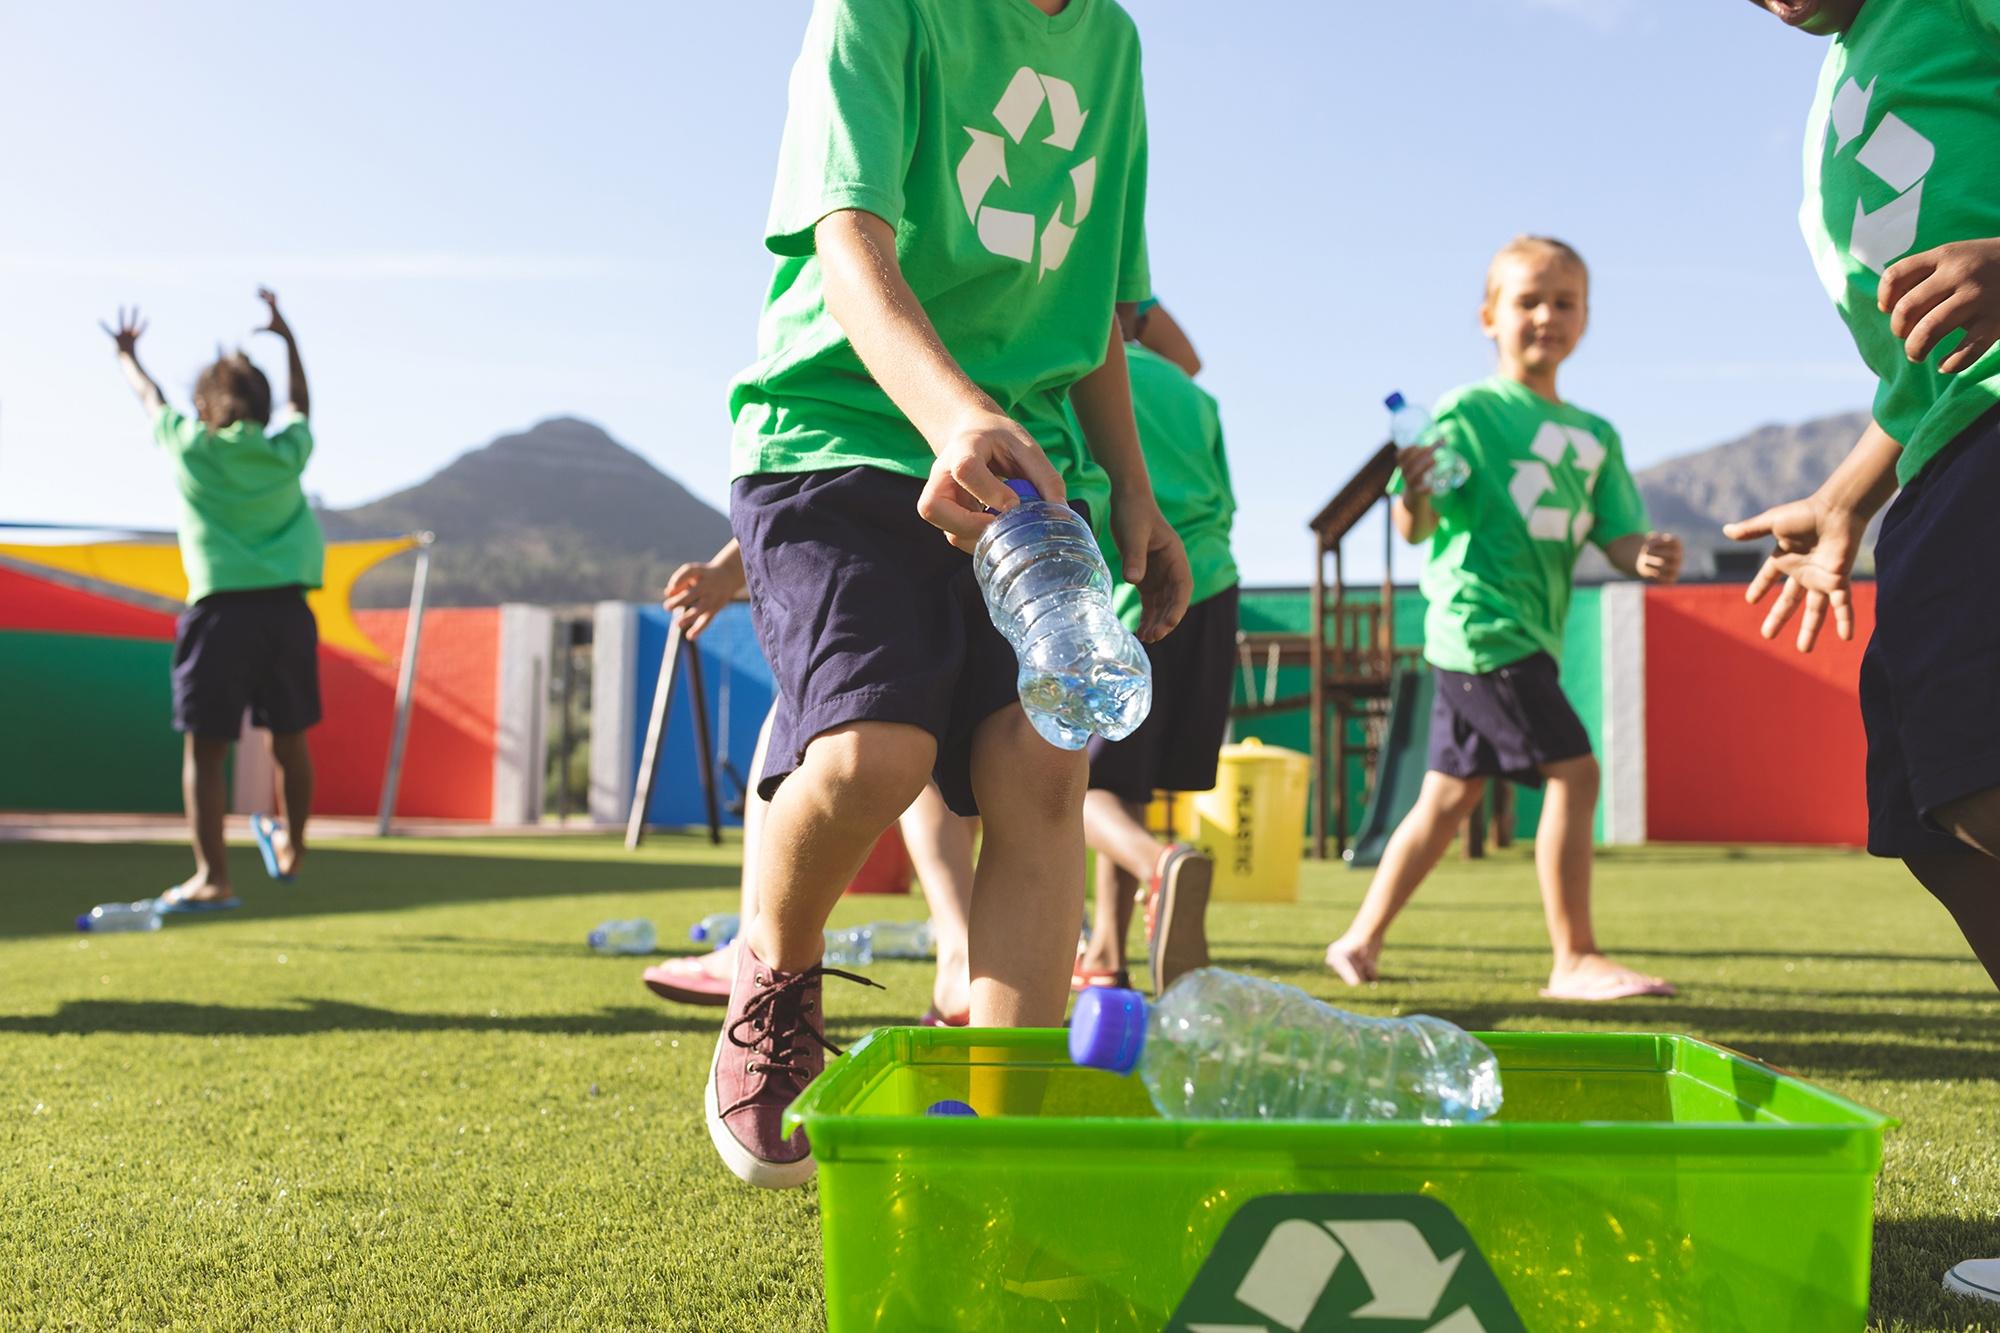 Trabajando Juntos Hacia Un Sistema Circular Para Plásticos